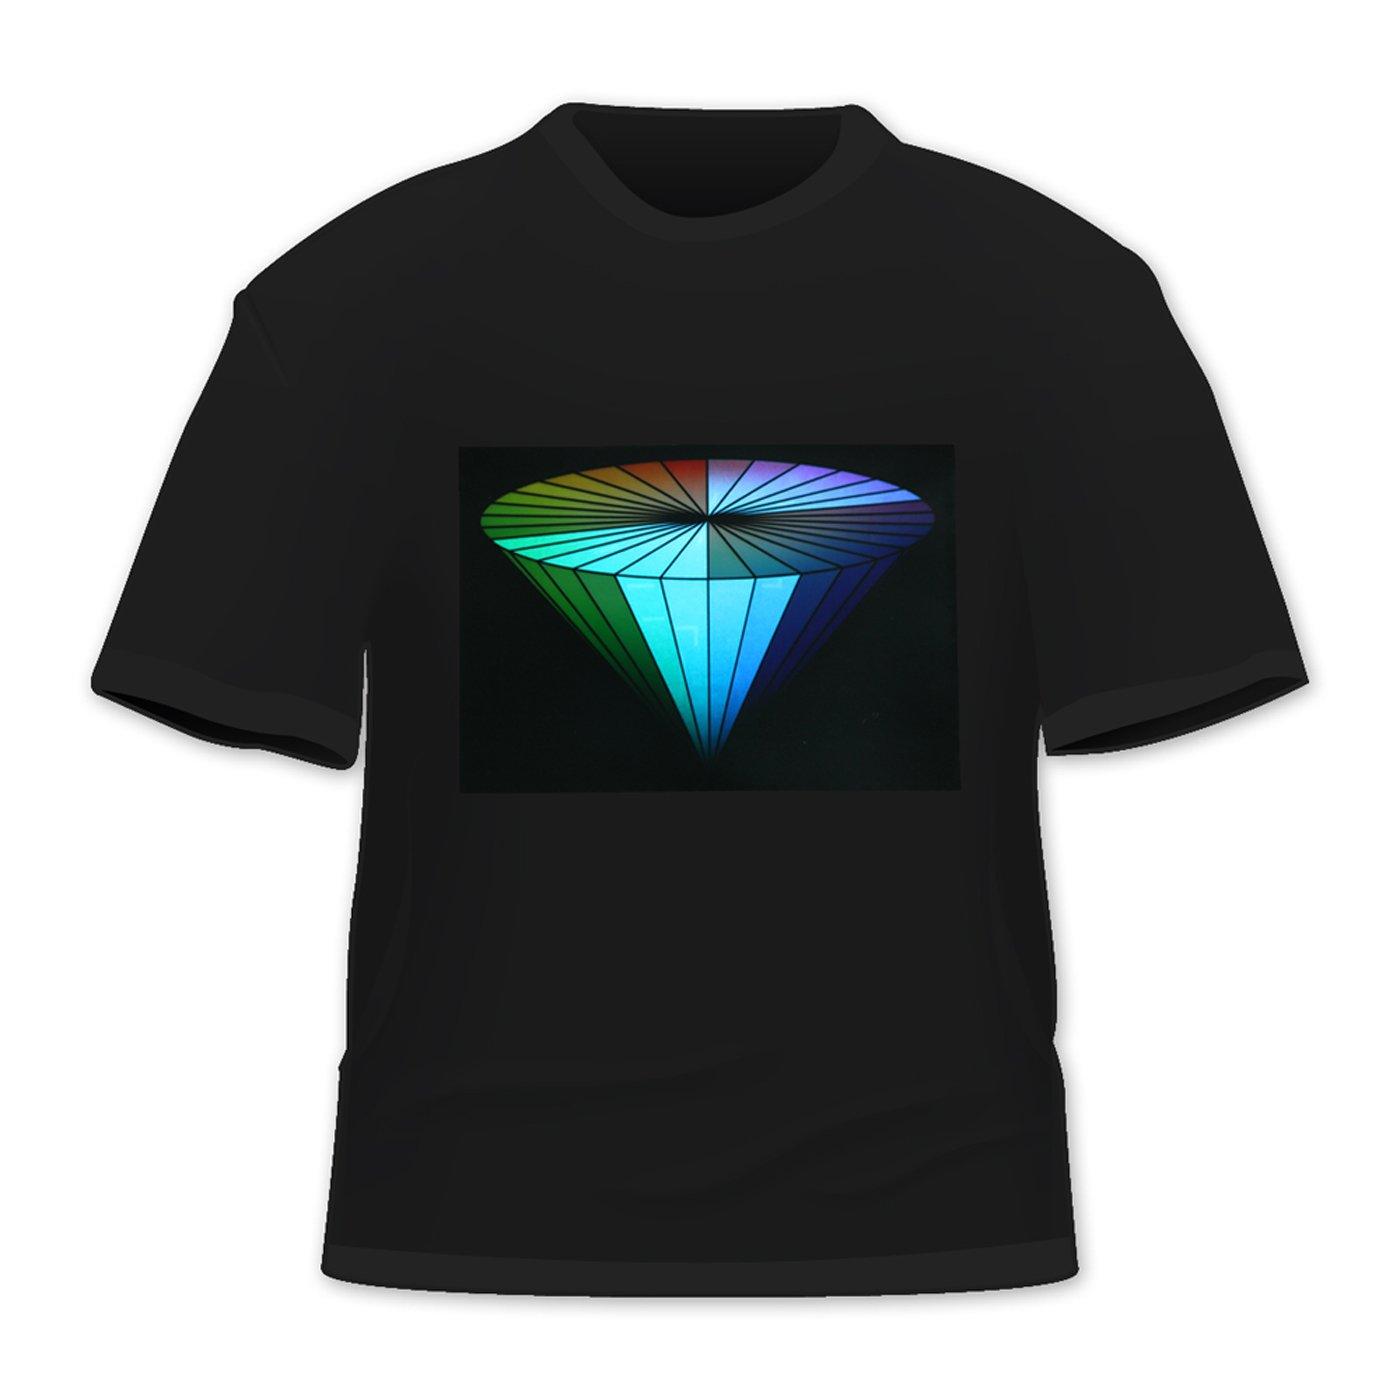 Hde T-Shirt avec /éclairage LED activ/é en fonction des sons